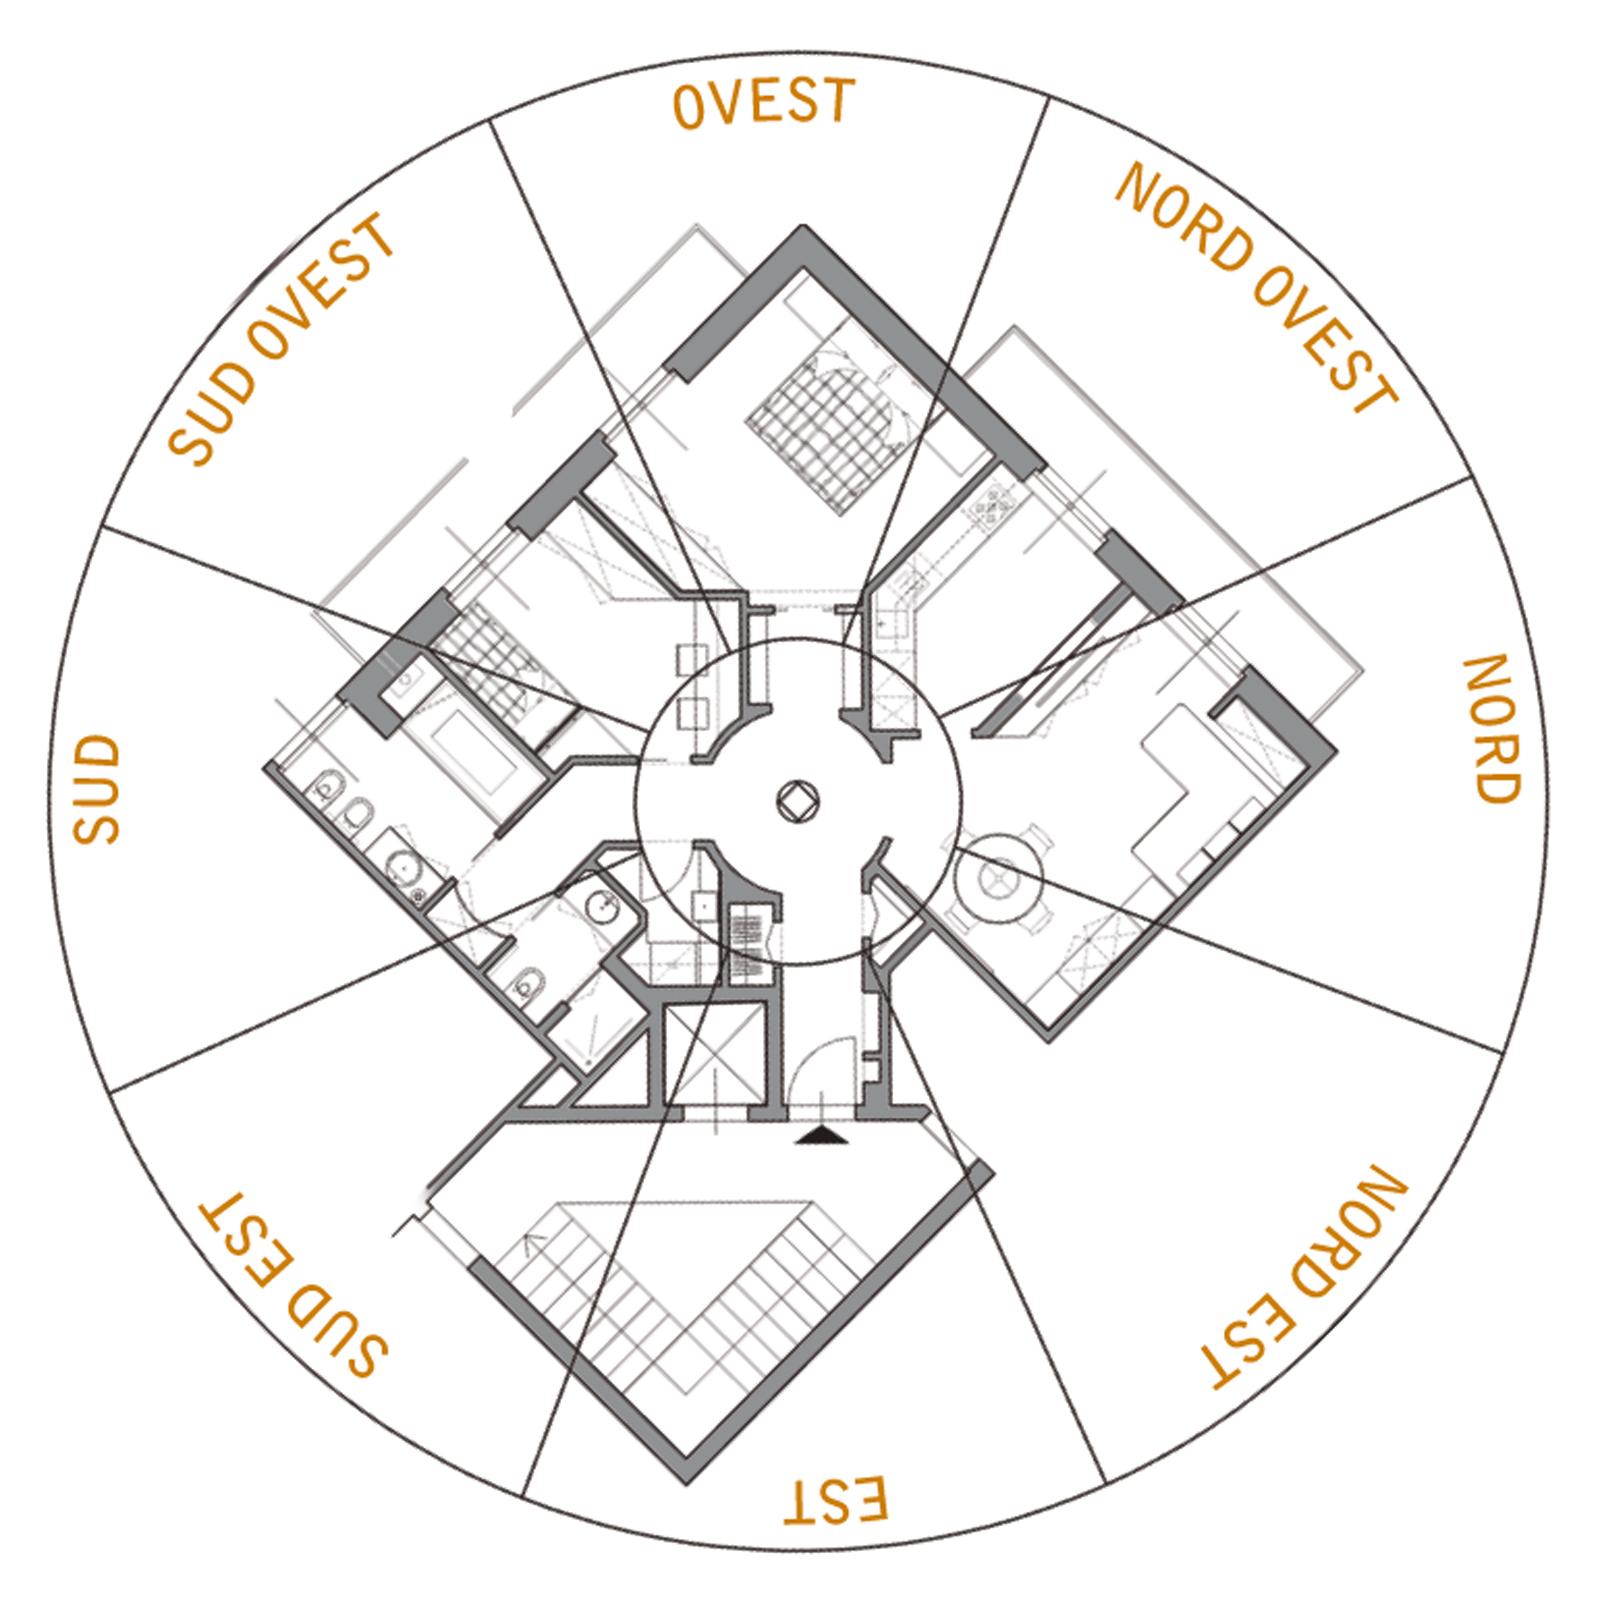 Scuola di interni wevux pianta cardinali feng shui wevux - Migliore esposizione casa ...